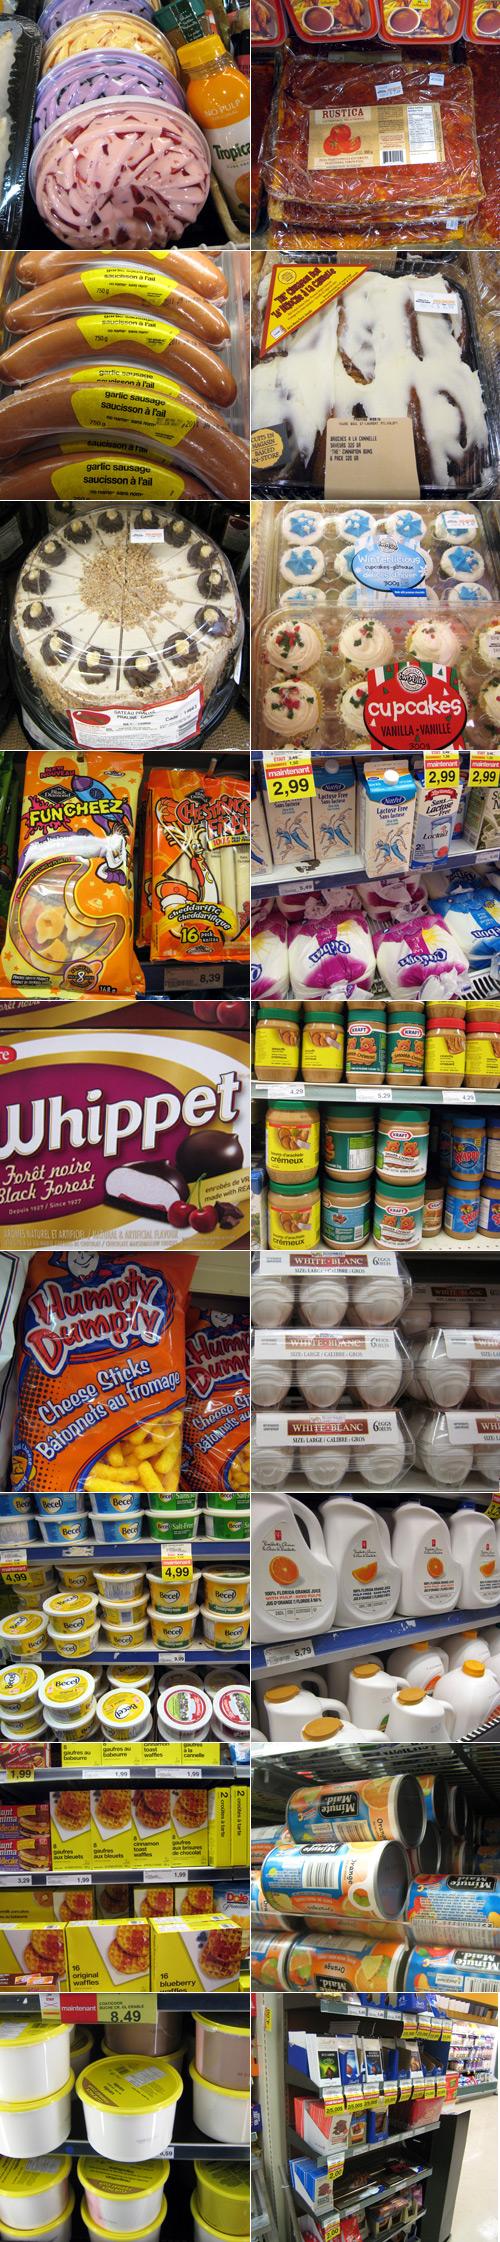 Bizarreries trouvées au supermarché